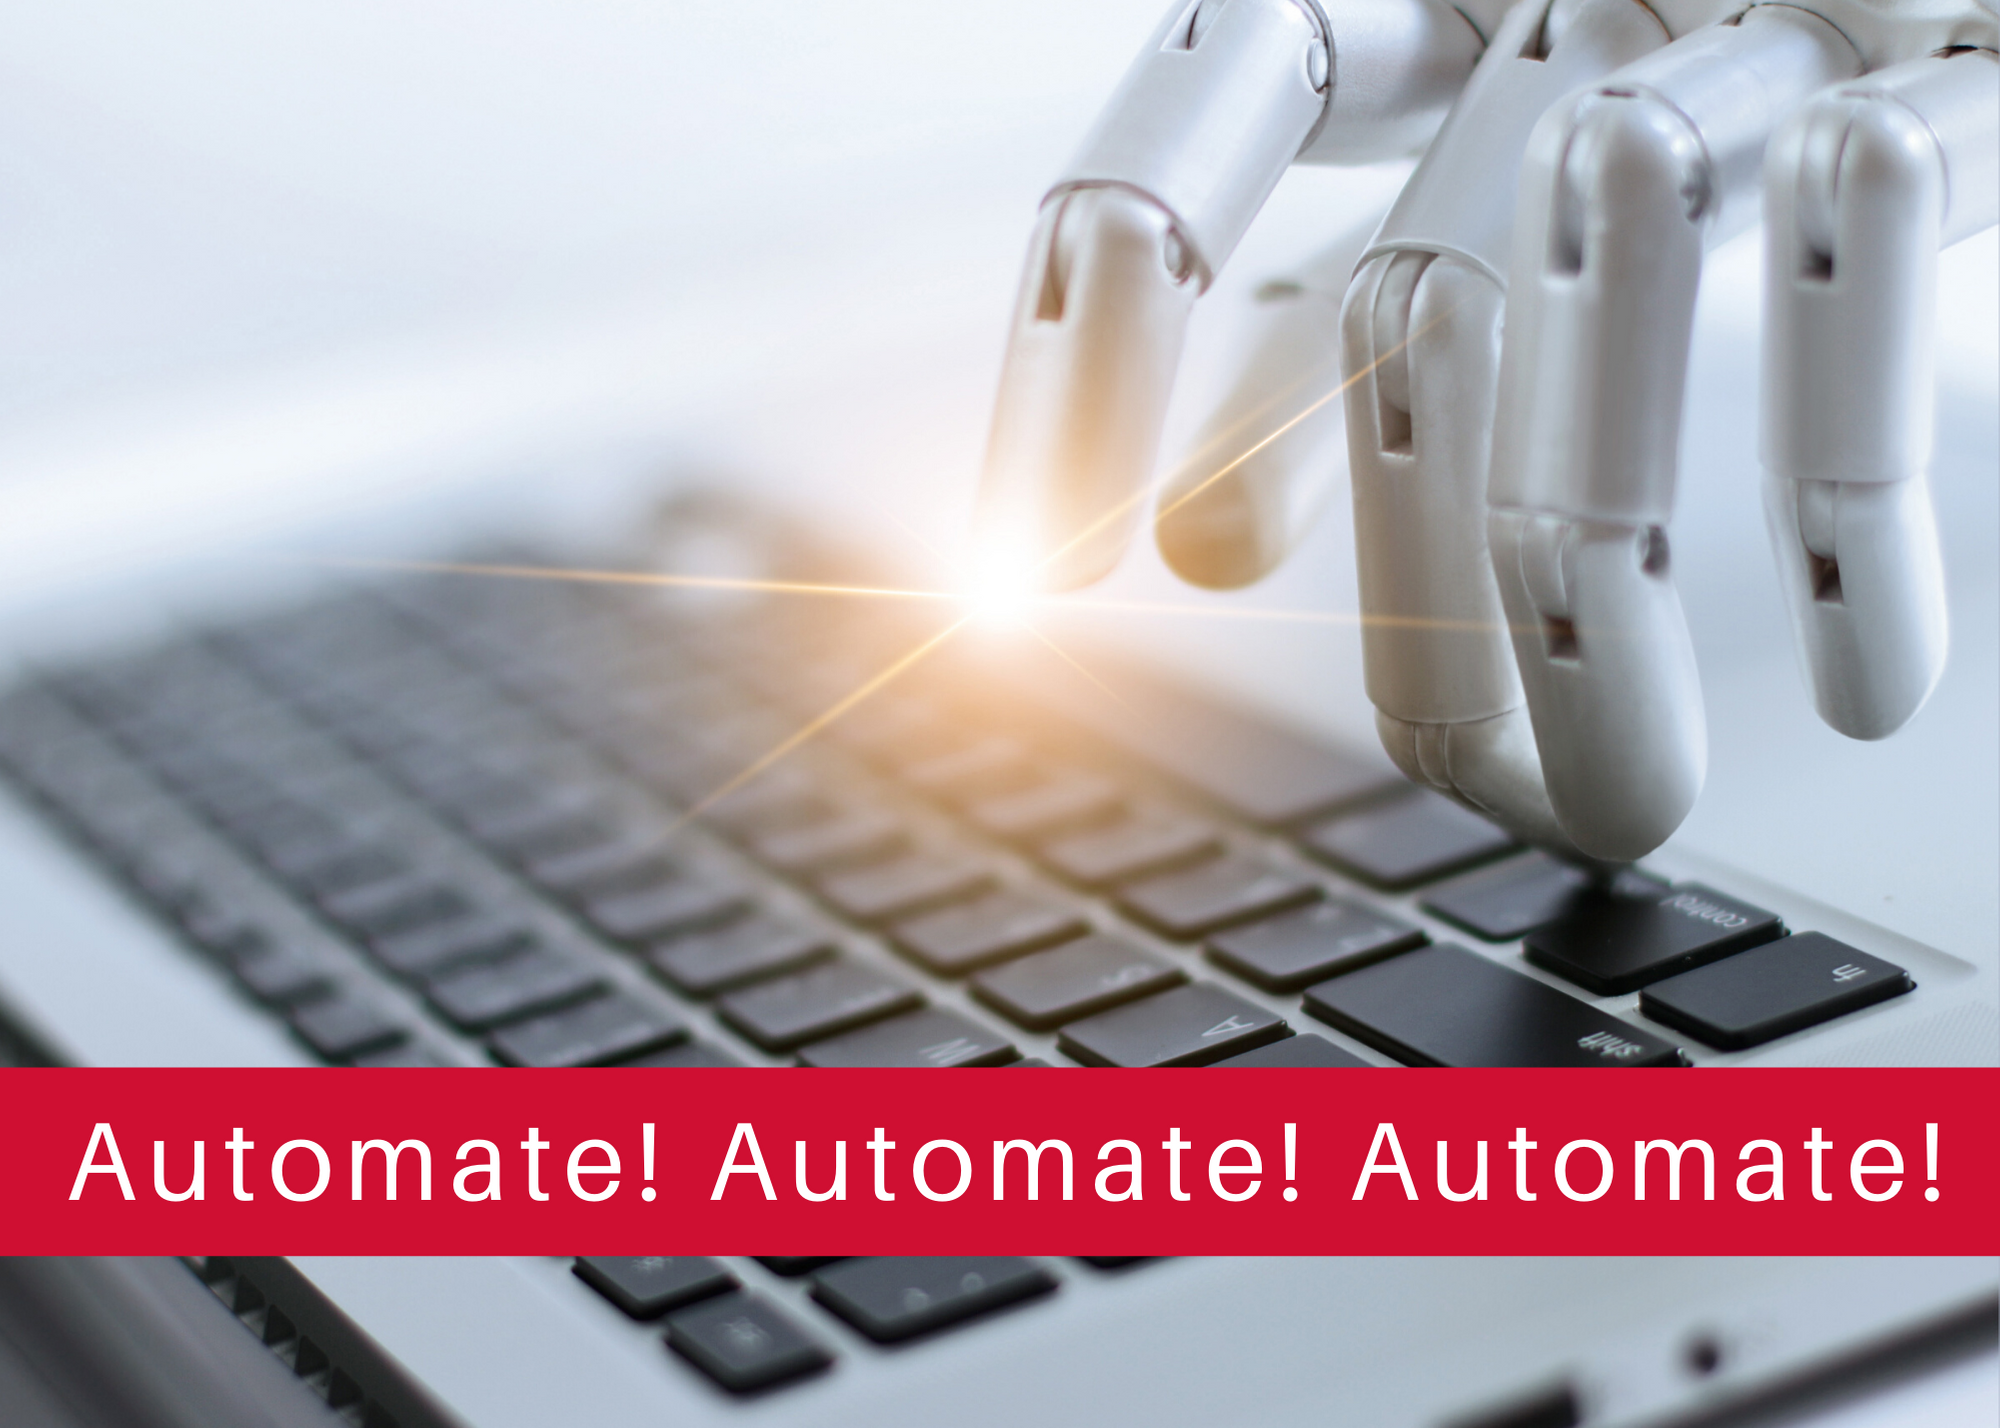 automate - keyboard